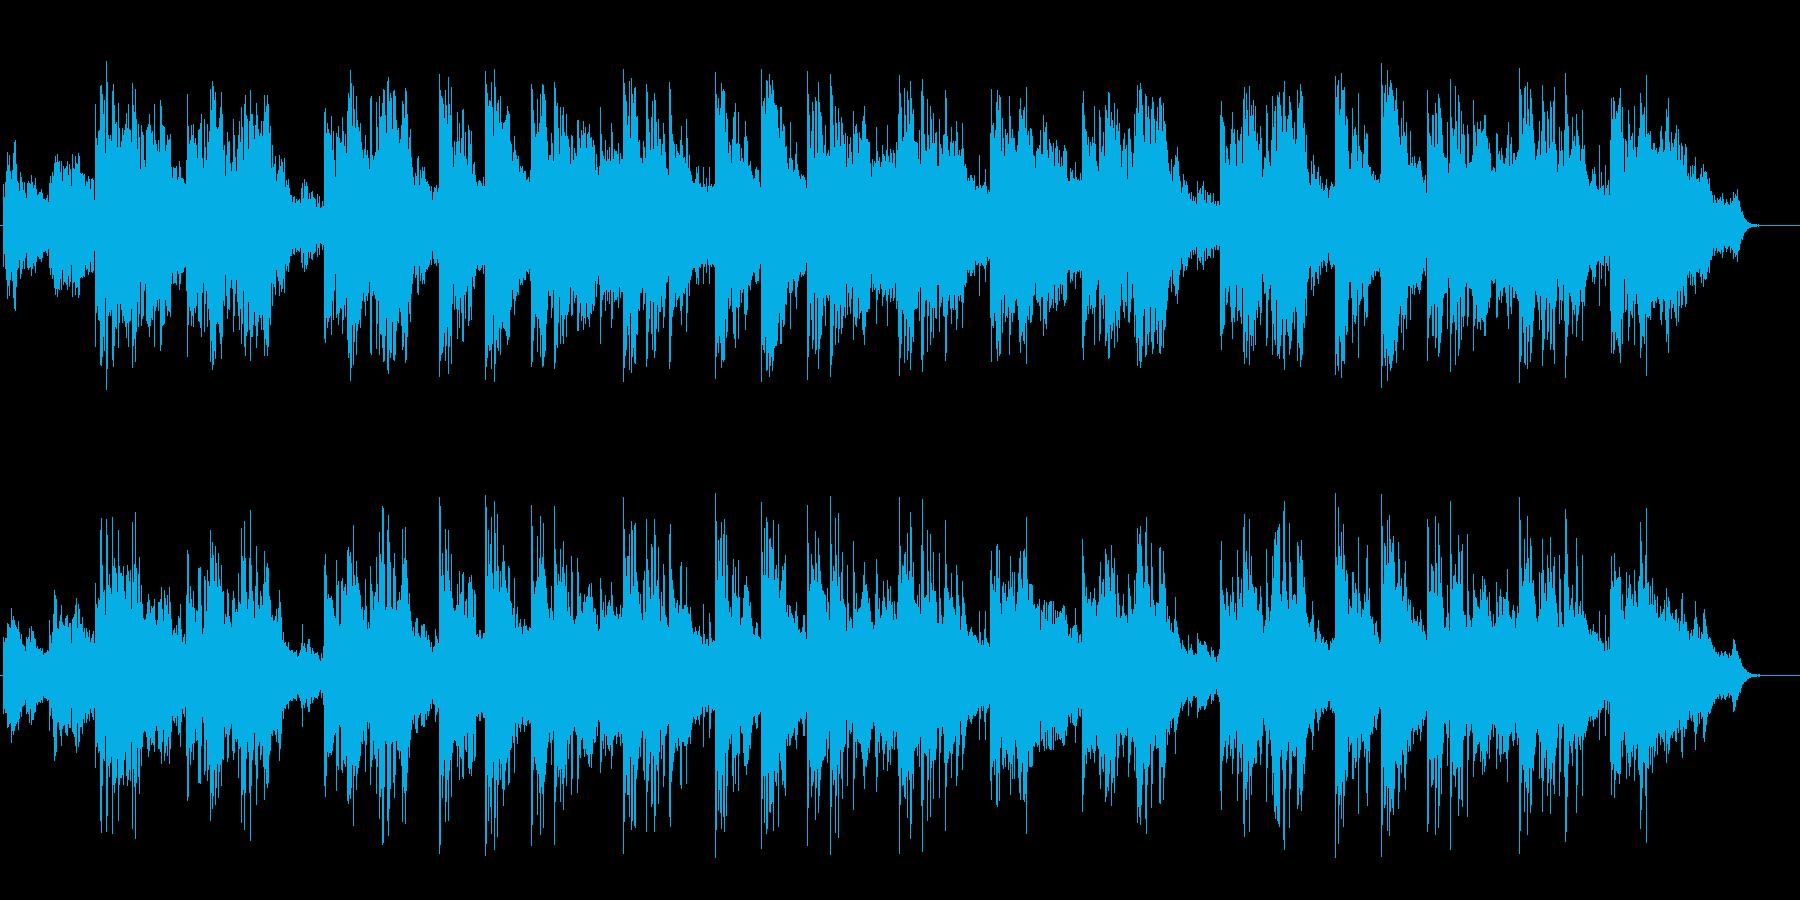 吸い込まれそうになる神秘的な環境音楽の再生済みの波形